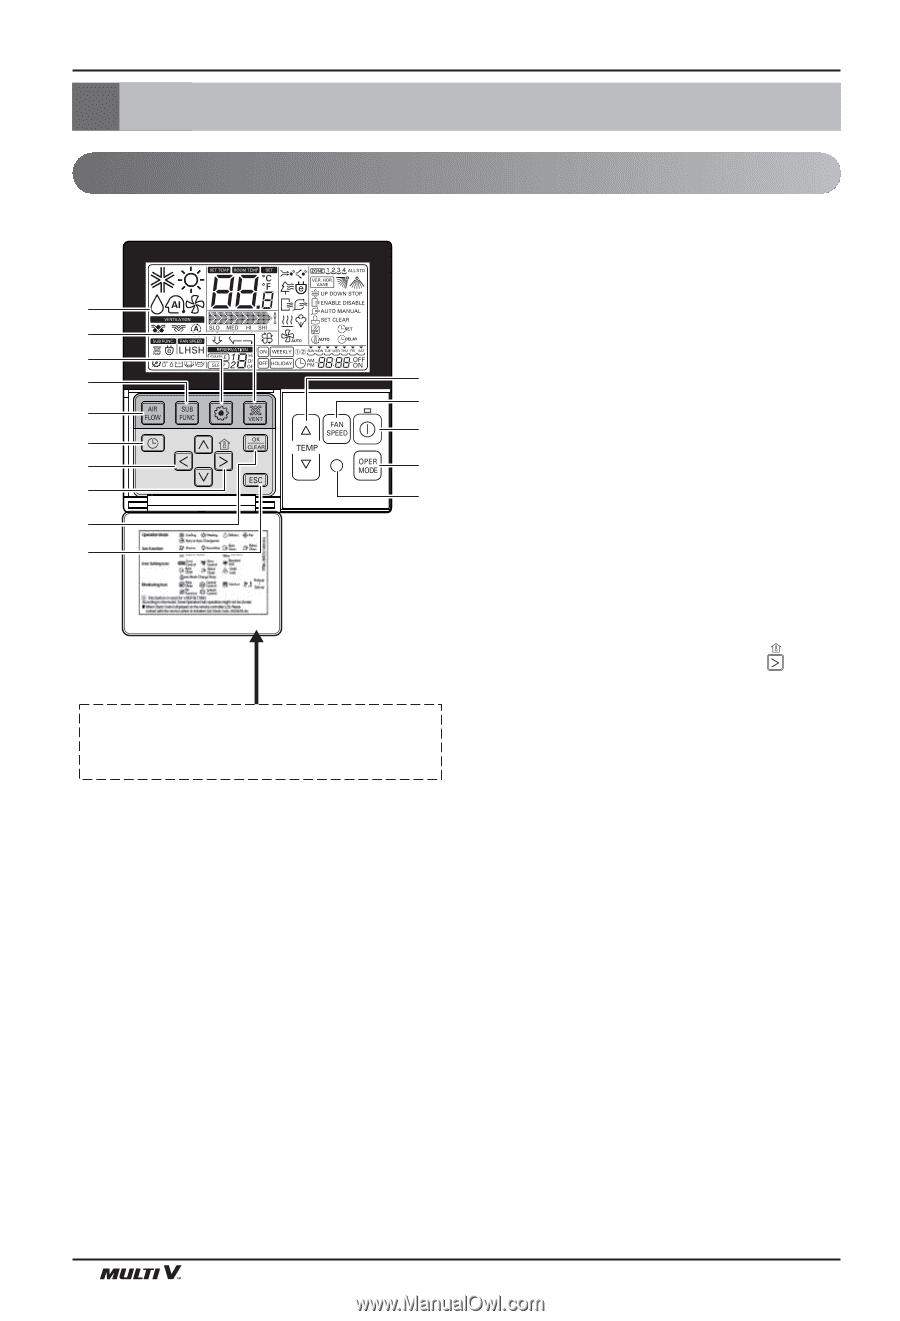 LG ARNU123SEL2 | Owner's Manual - Page 7